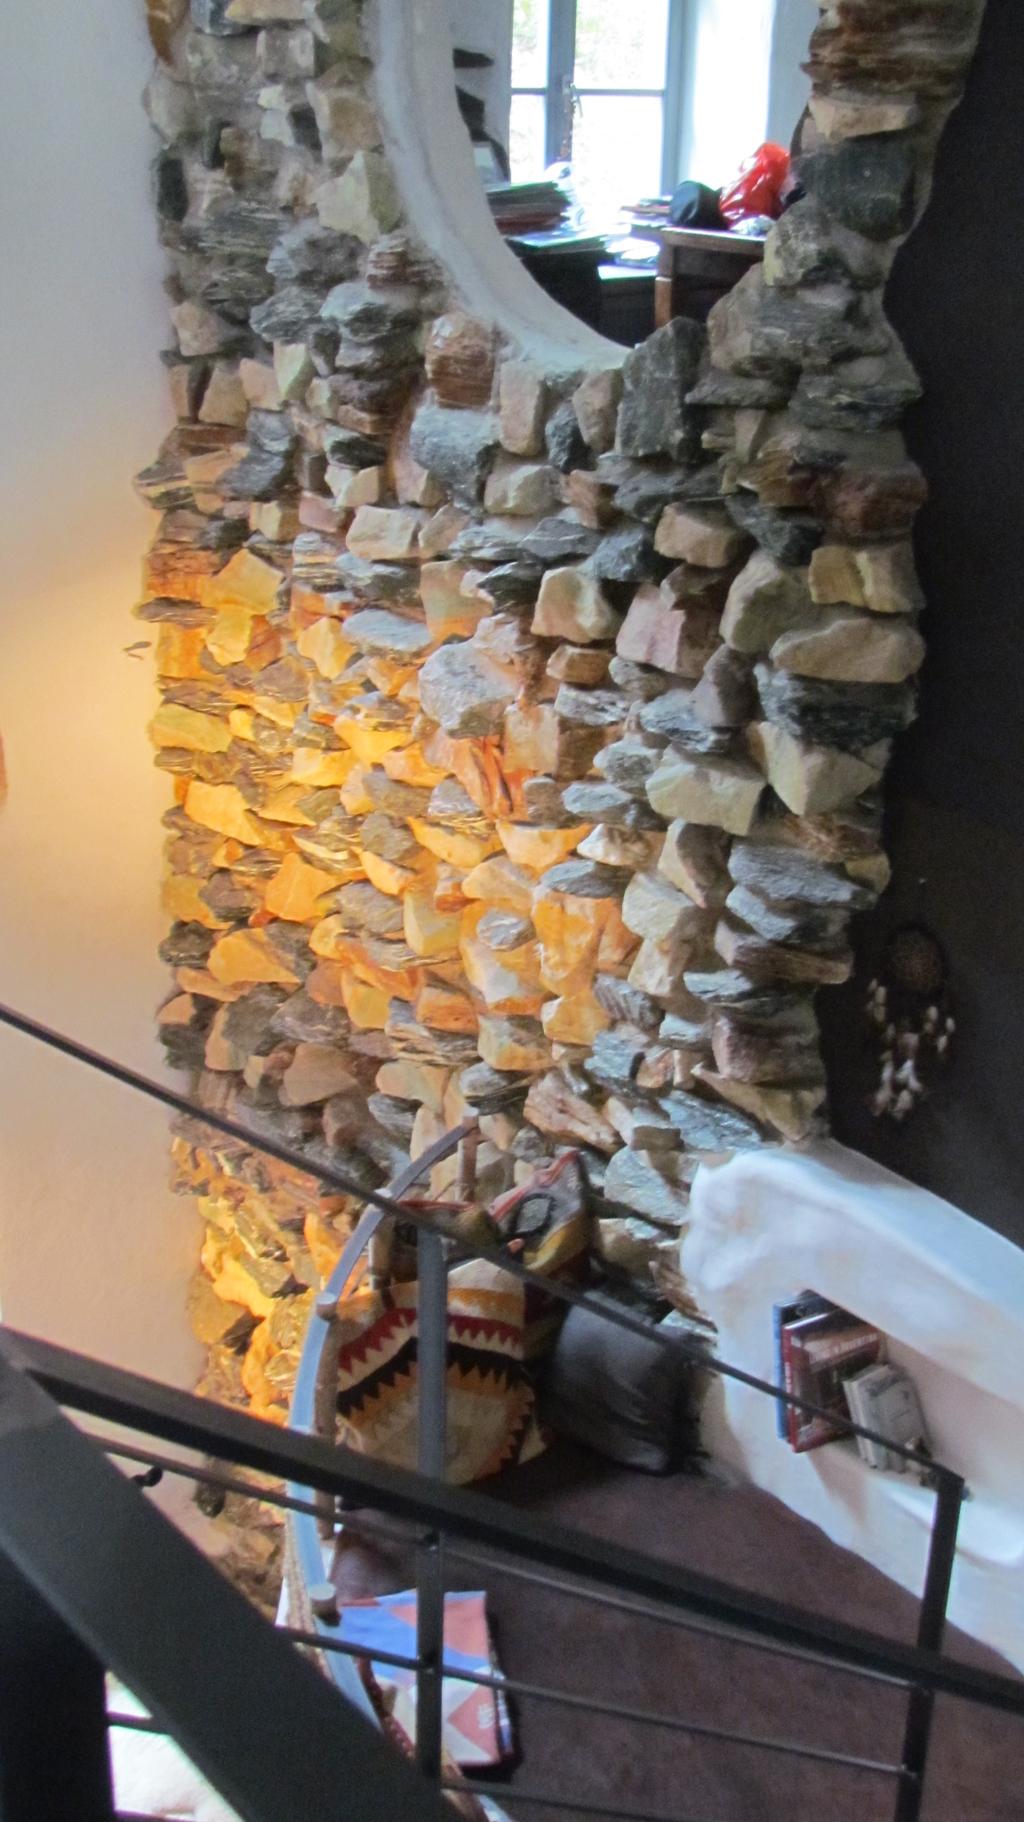 bar wohnzimmer wien:Wohnzimmer bar traunstein : steinwand big stones, steinwand Unikat